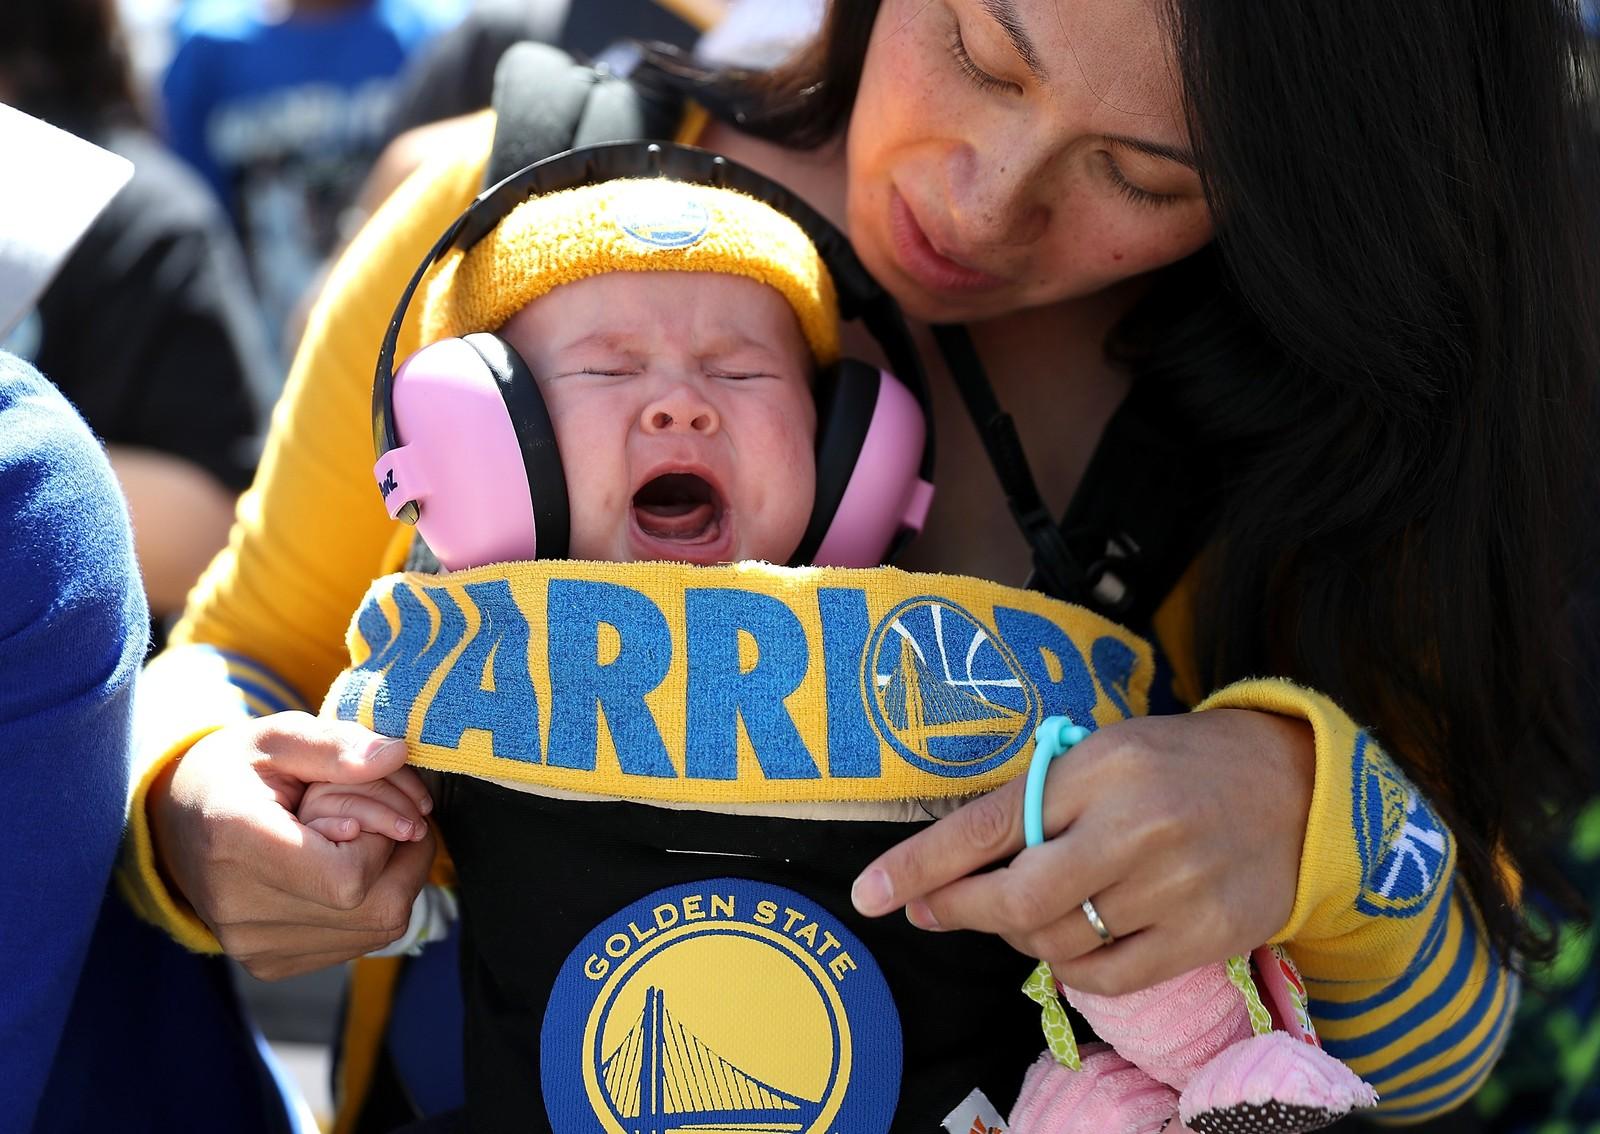 Golden State Warriors vant NBA-finalen, og over én million mennesker skal ha møtt opp for å hylle laget i Oakland, California.